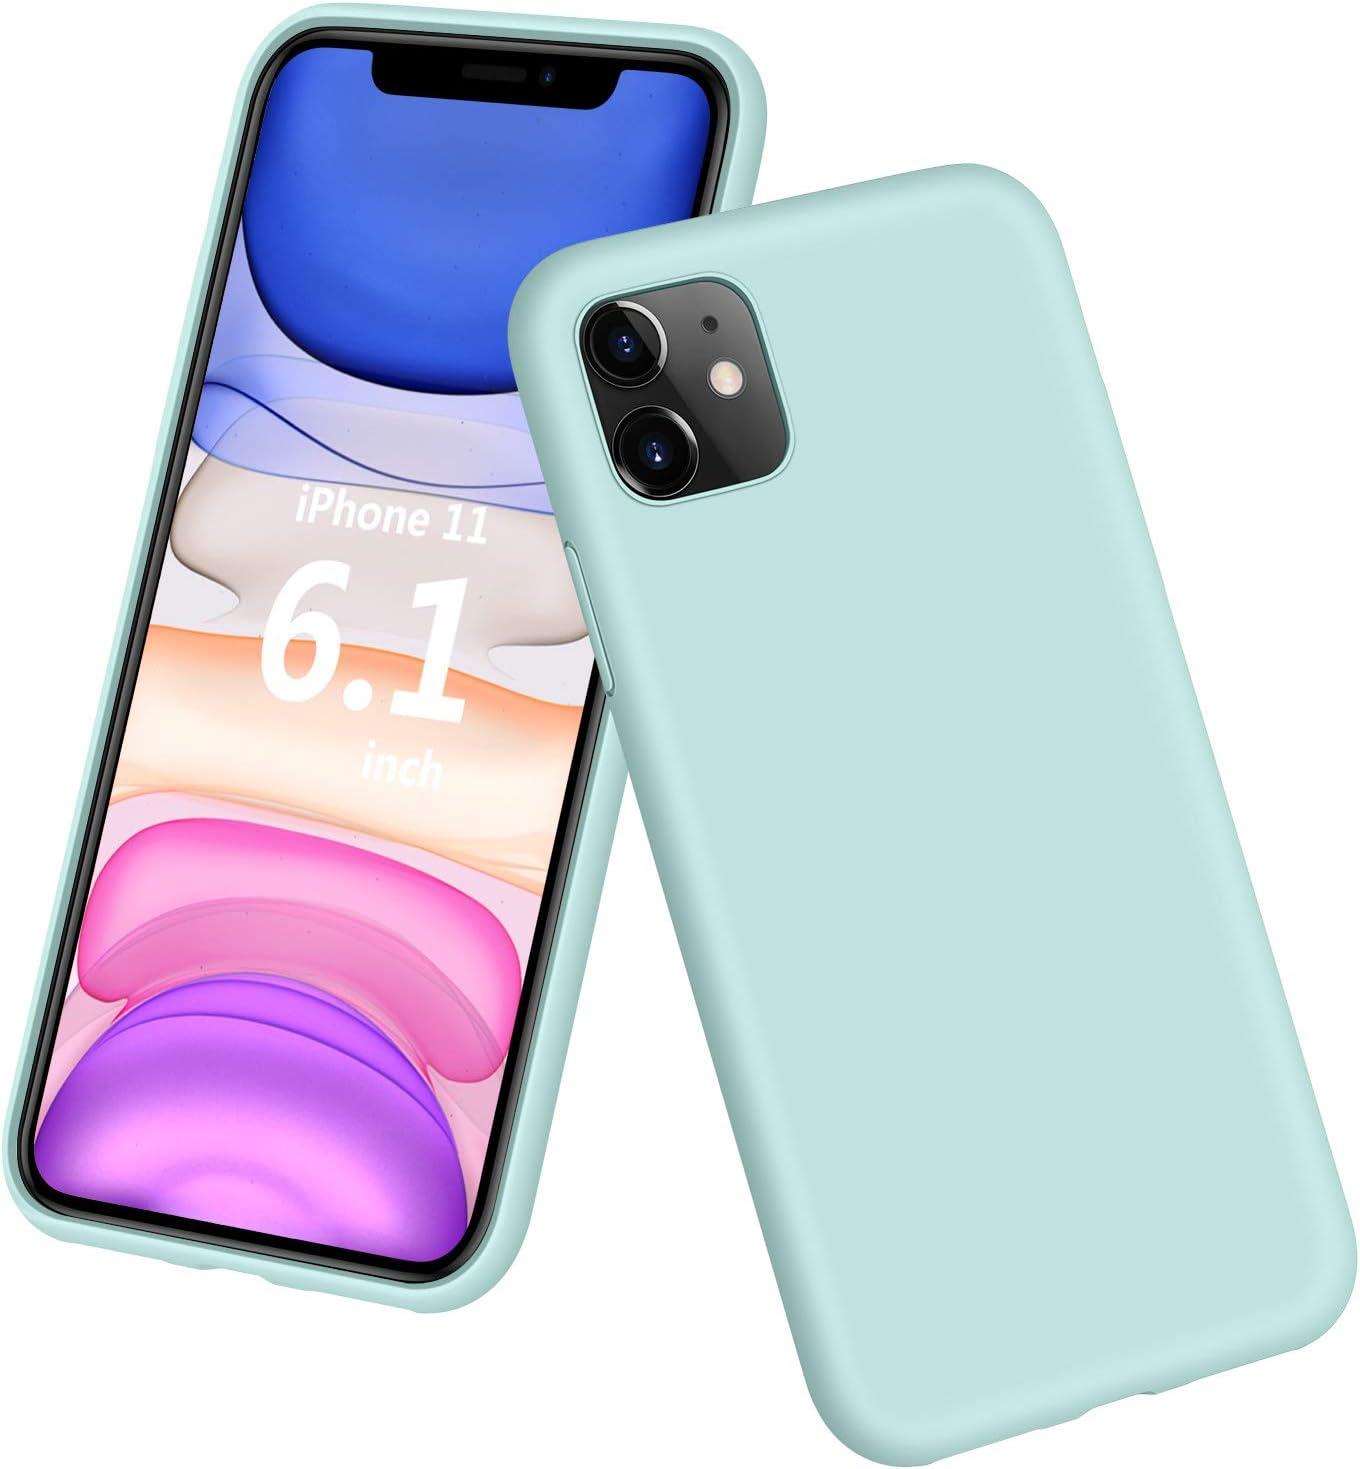 Coque iPhone 11Nike Vert Antichoc Premium Coque Compatible iPhone 11